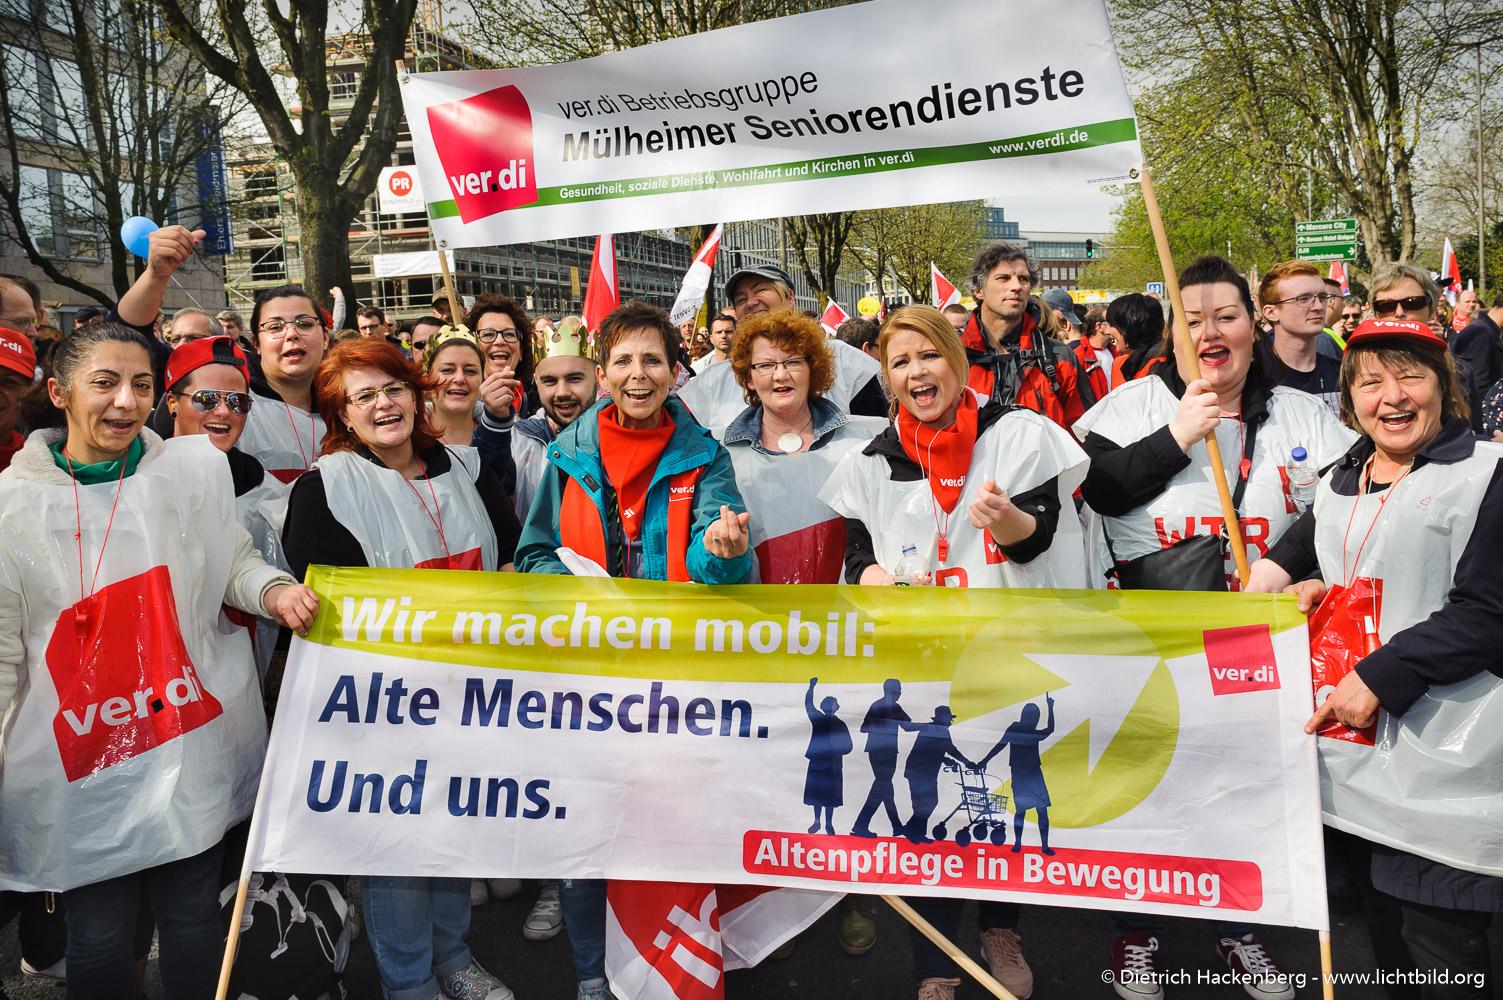 Mülheimer Seniorendienste. verdi Streikveranstaltung Öffentlicher Dienst, Dortmund am 10.04.2018. Foto Dietrich Hackenberg